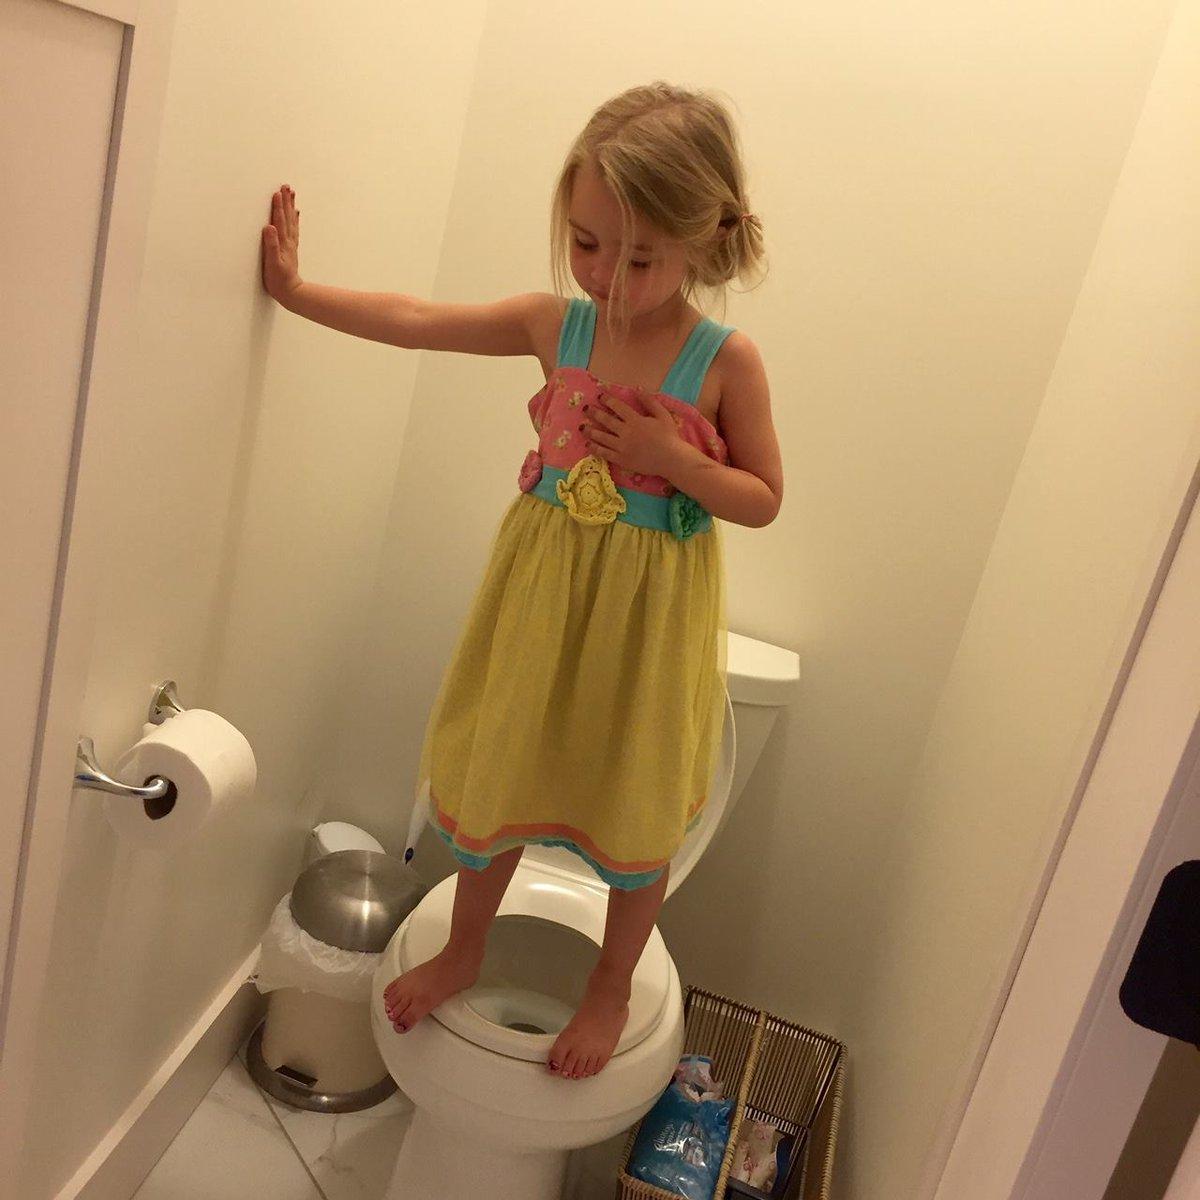 なぜ3歳の少女は便座の上に立っているのか。理由が悲しい。 https://t.co/P3VTLIuqx1 #COLUMN https://t.co/7UMVPvw0Z6